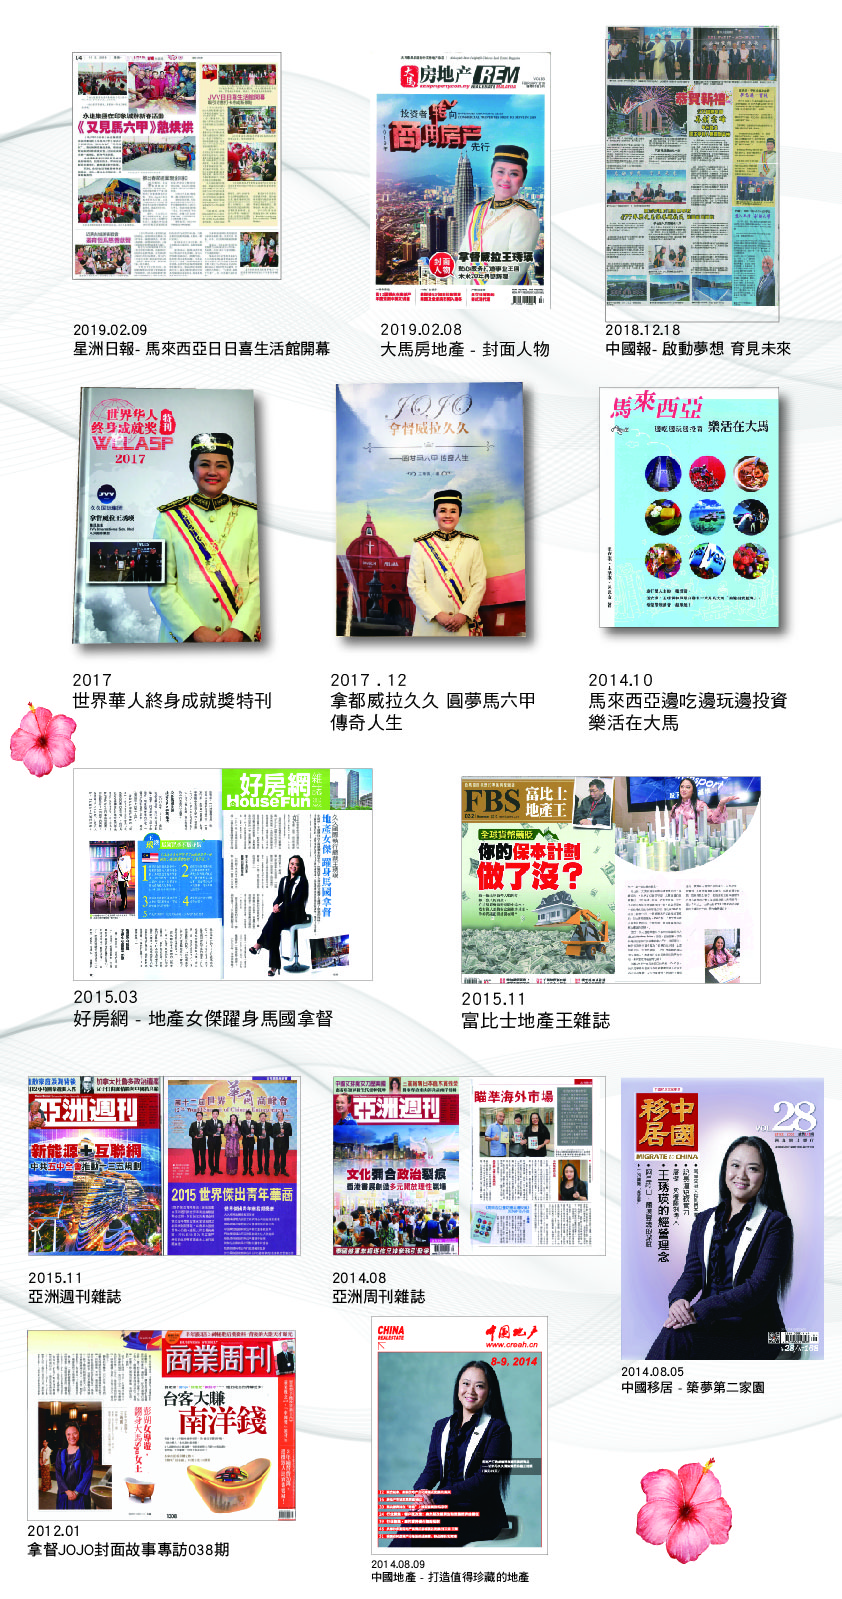 平面雜誌_工作區域 1 複本